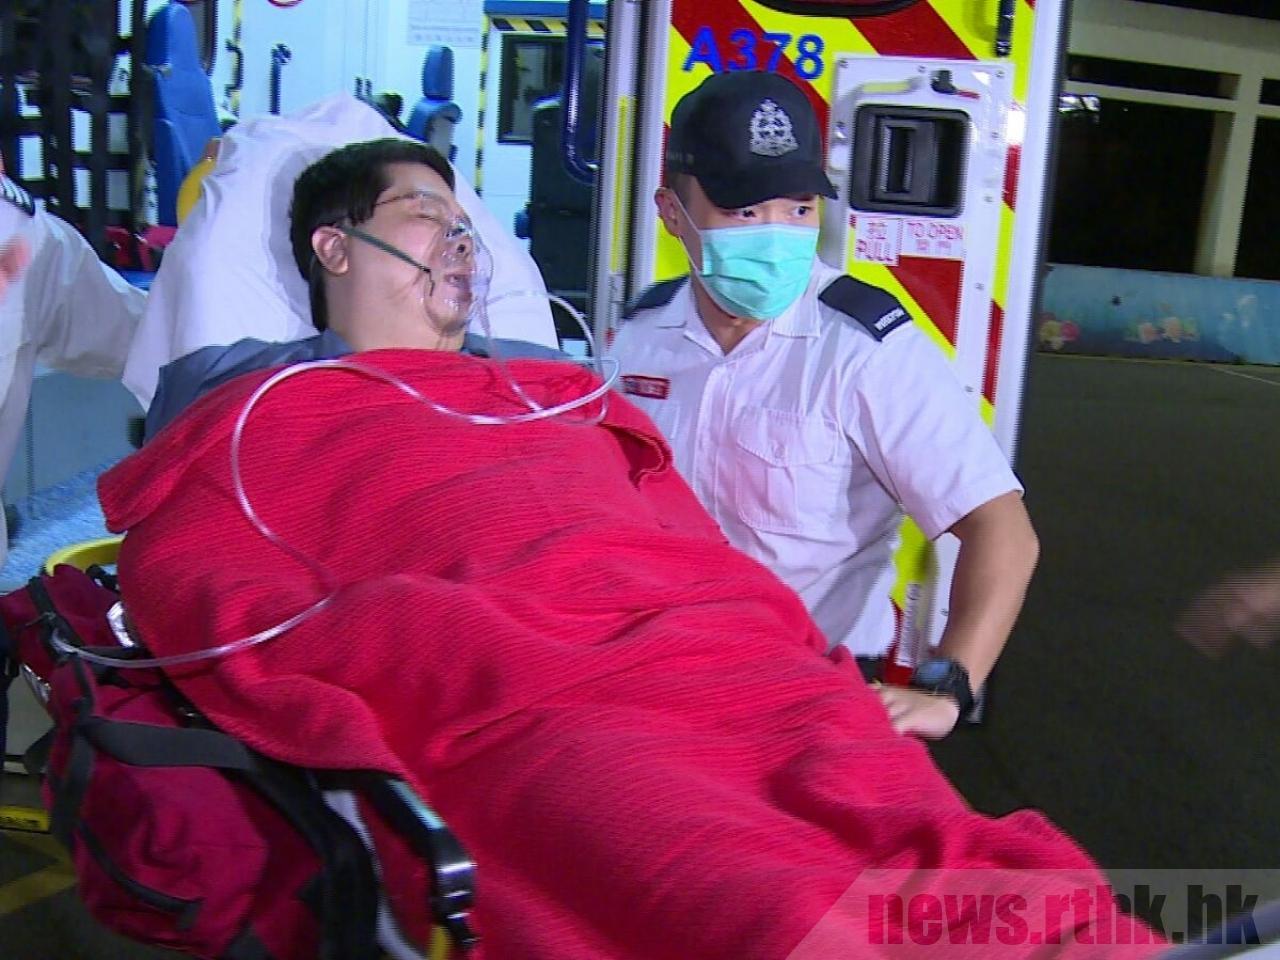 林子健深夜報稱不適,救護車由紅磡警署將他送到伊利沙伯醫院急症室。